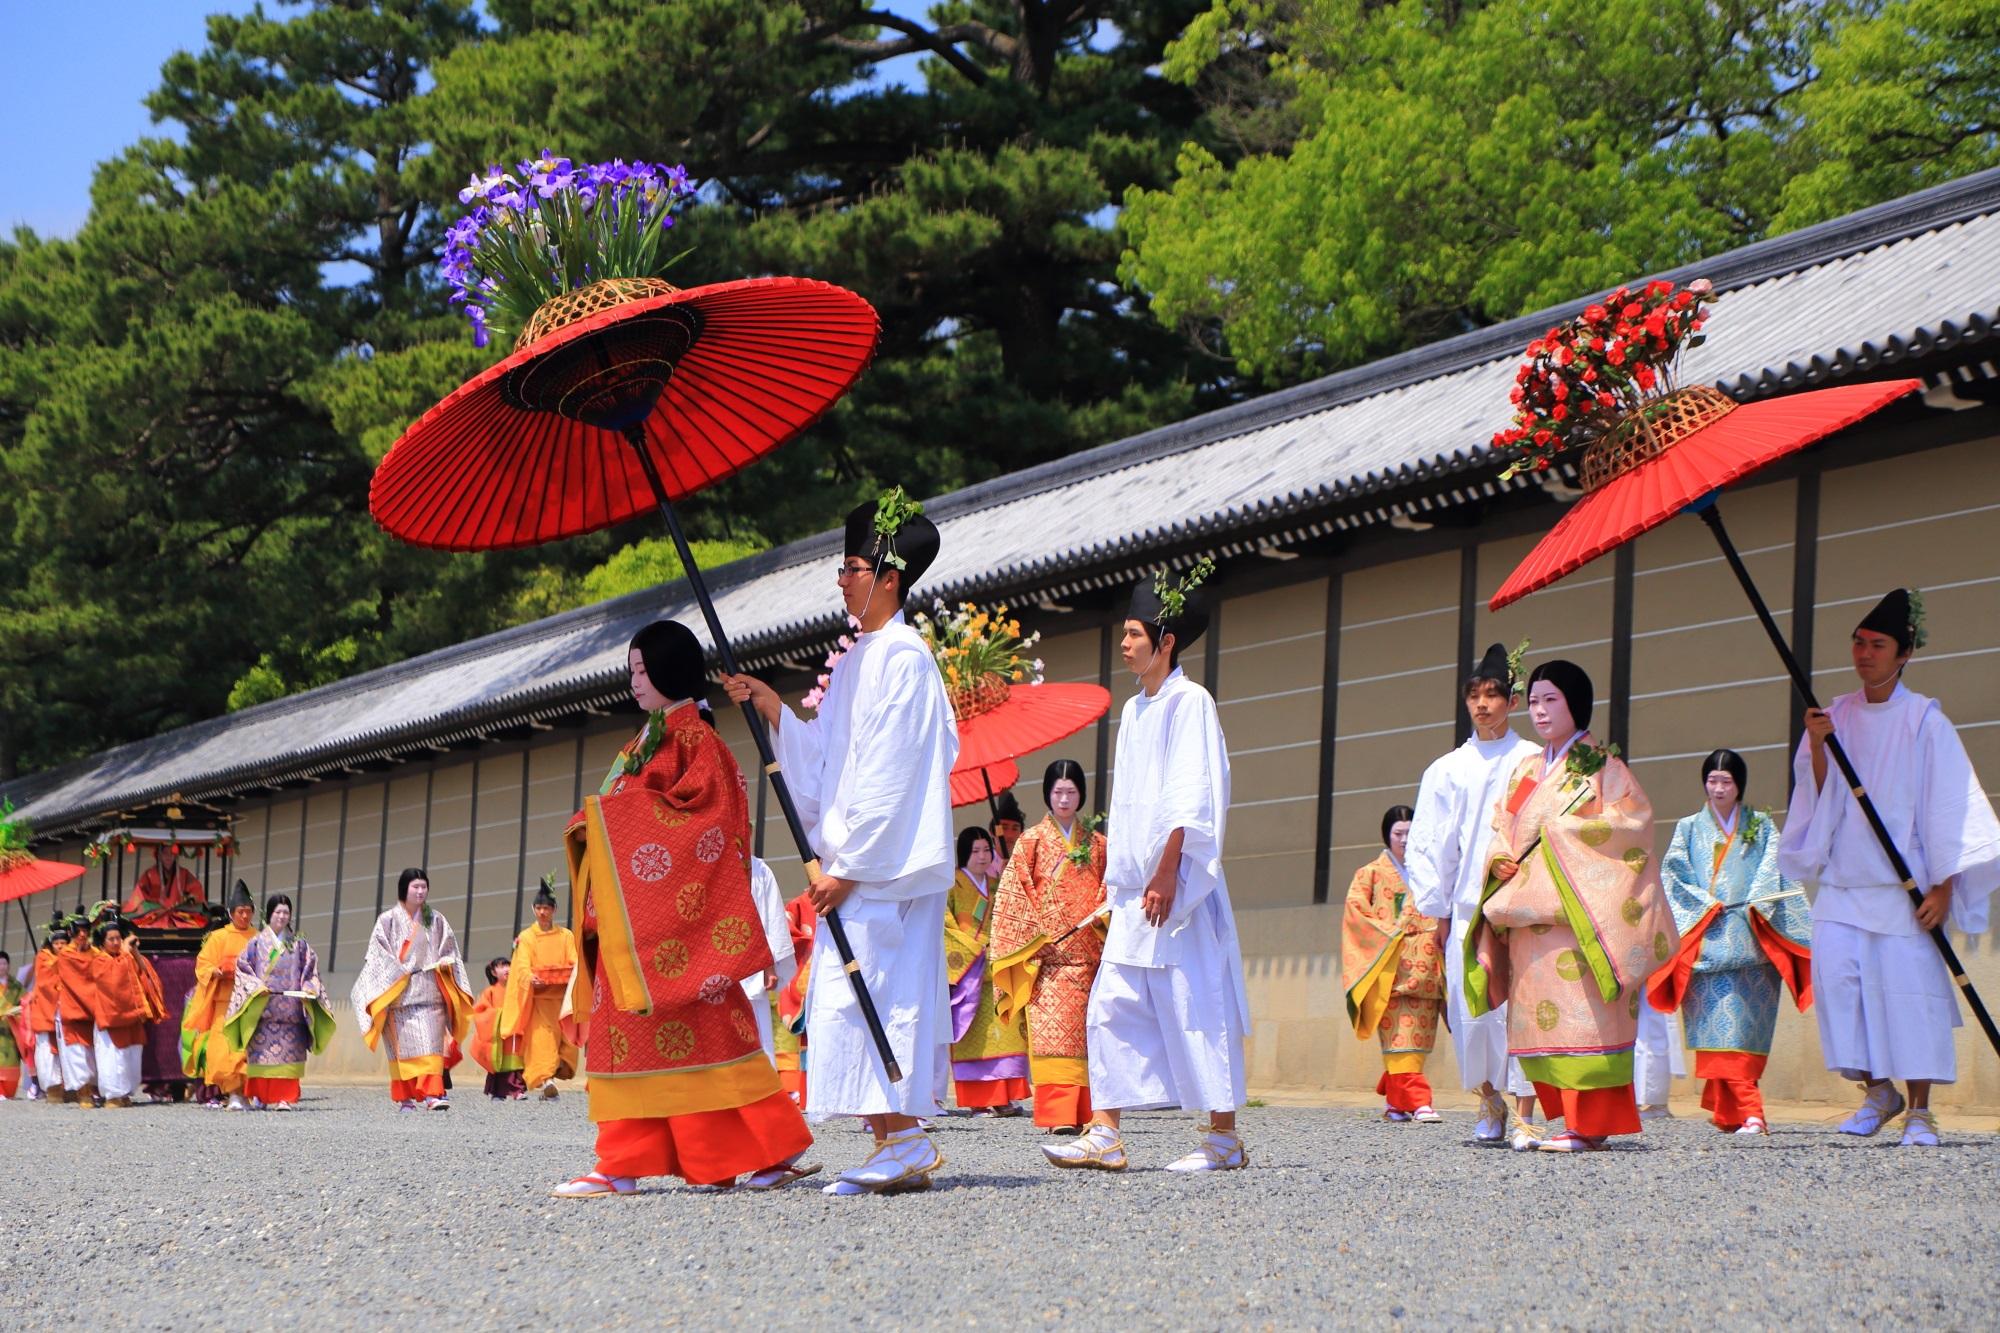 葵祭の平安貴族の行列